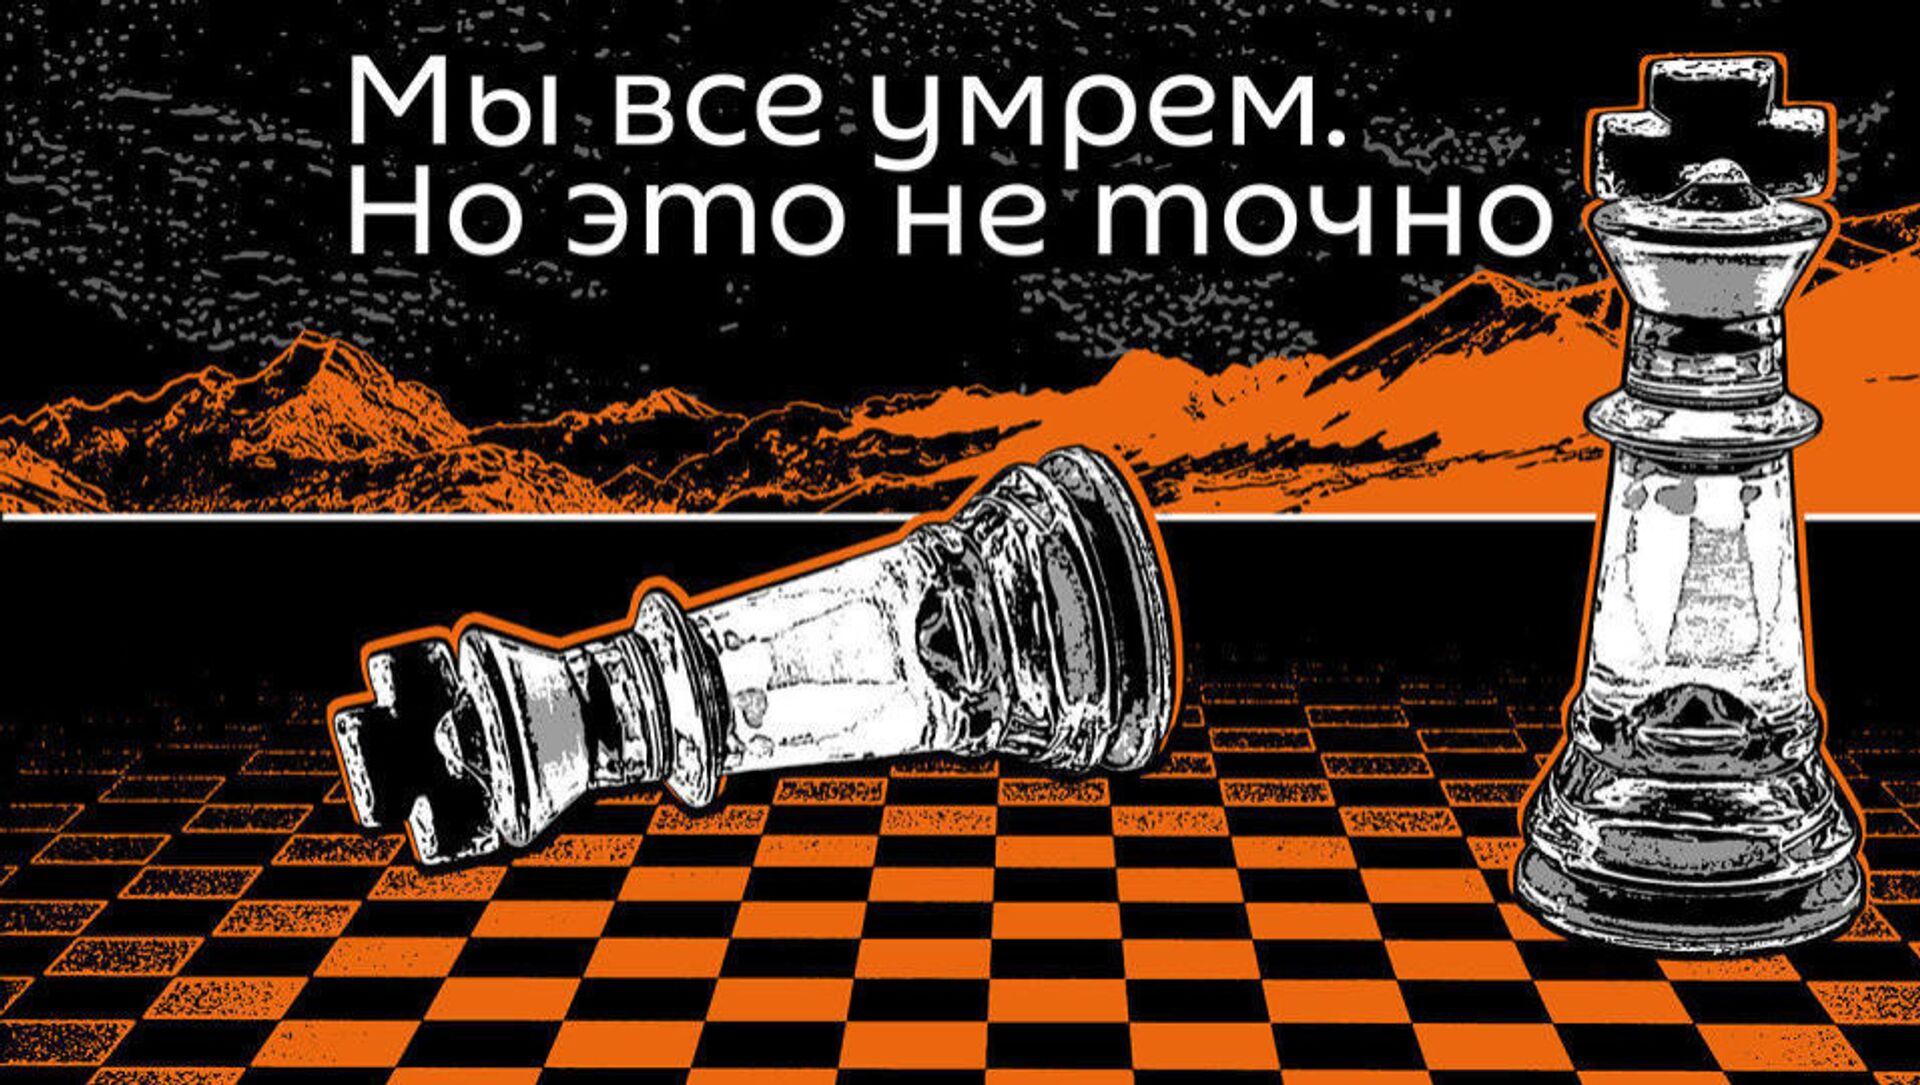 Мы все умрем. Но это не точно - Sputnik Грузия, 1920, 22.08.2021